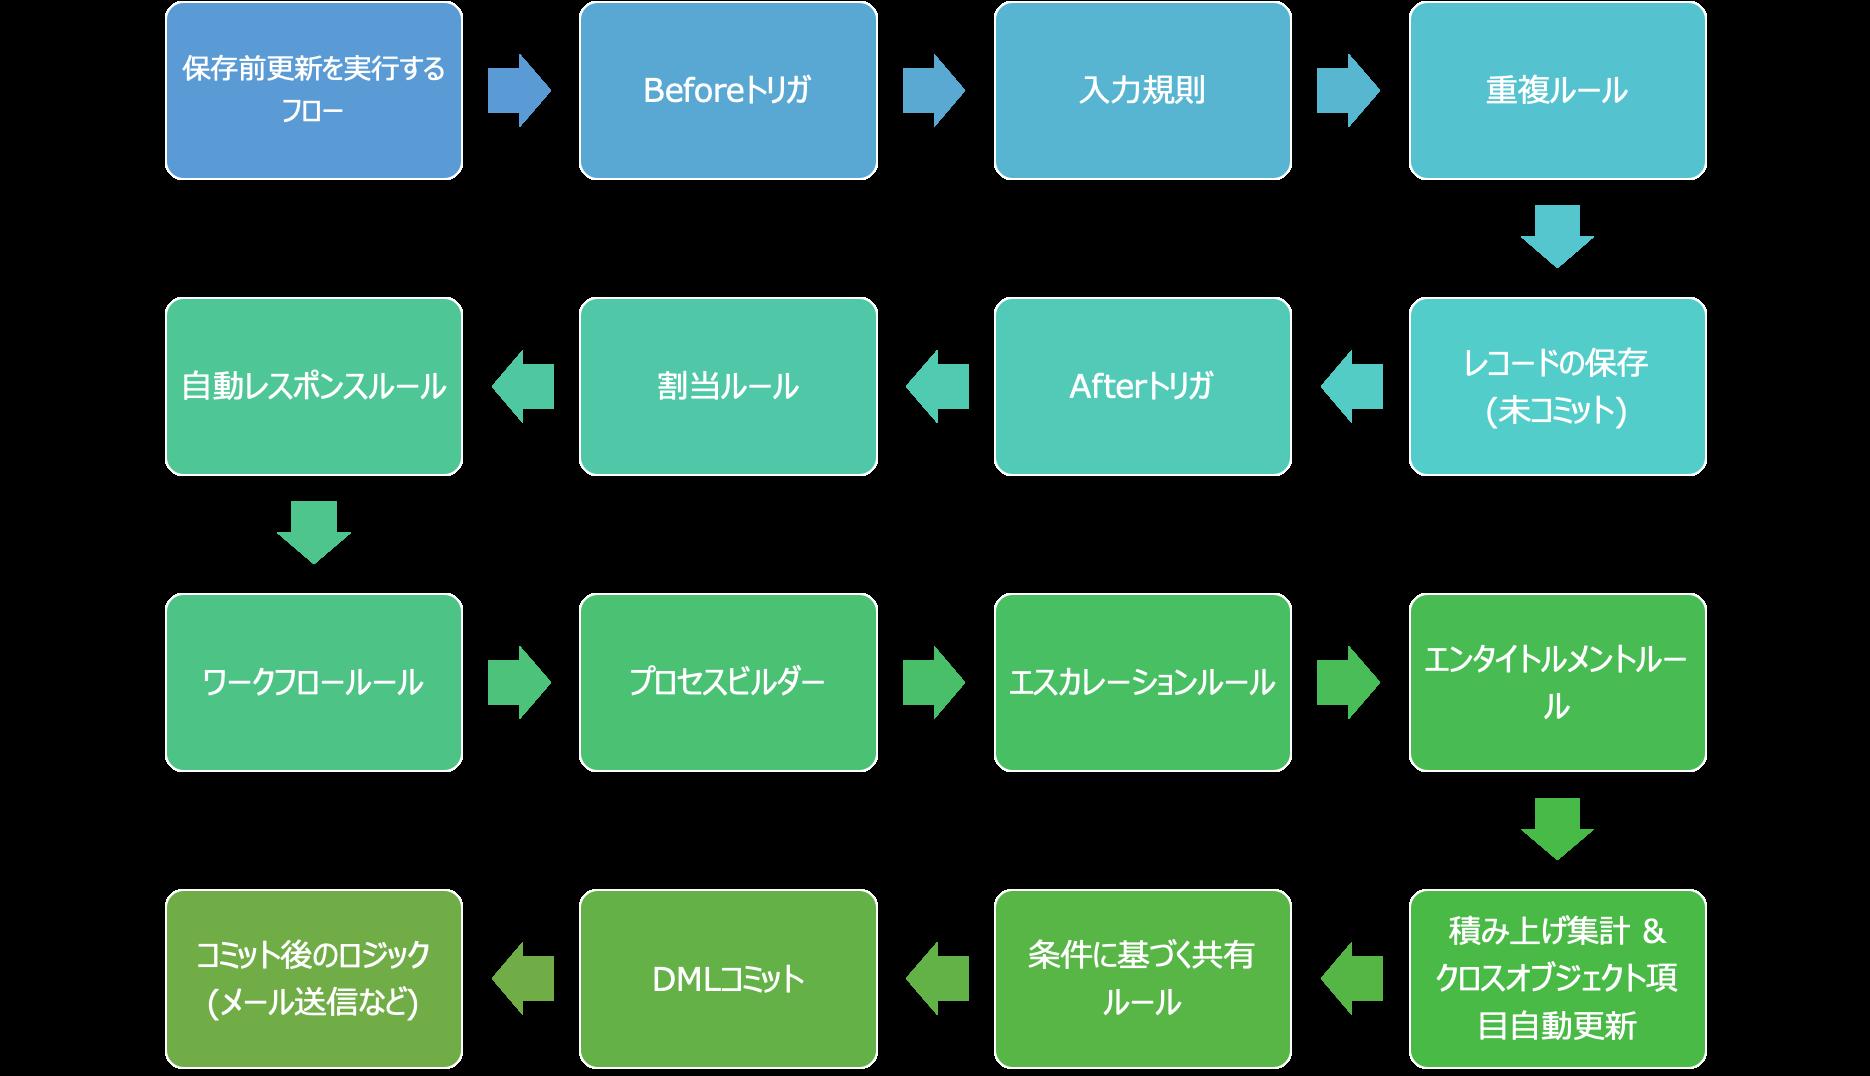 ビルダー salesforce プロセス